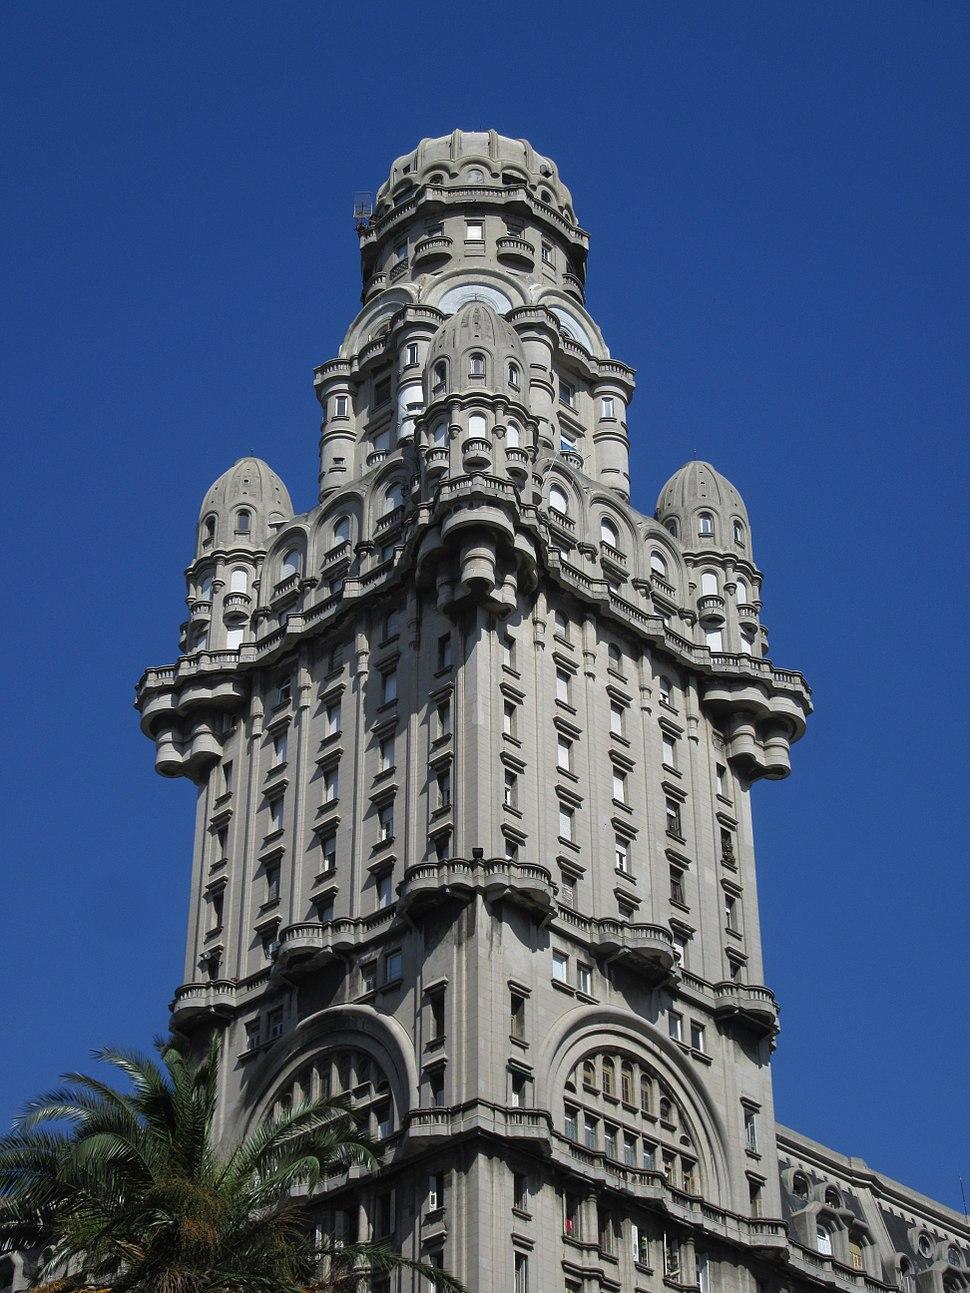 2016 vista de la Plaza de la Independencia Torre del Palacio Salvo